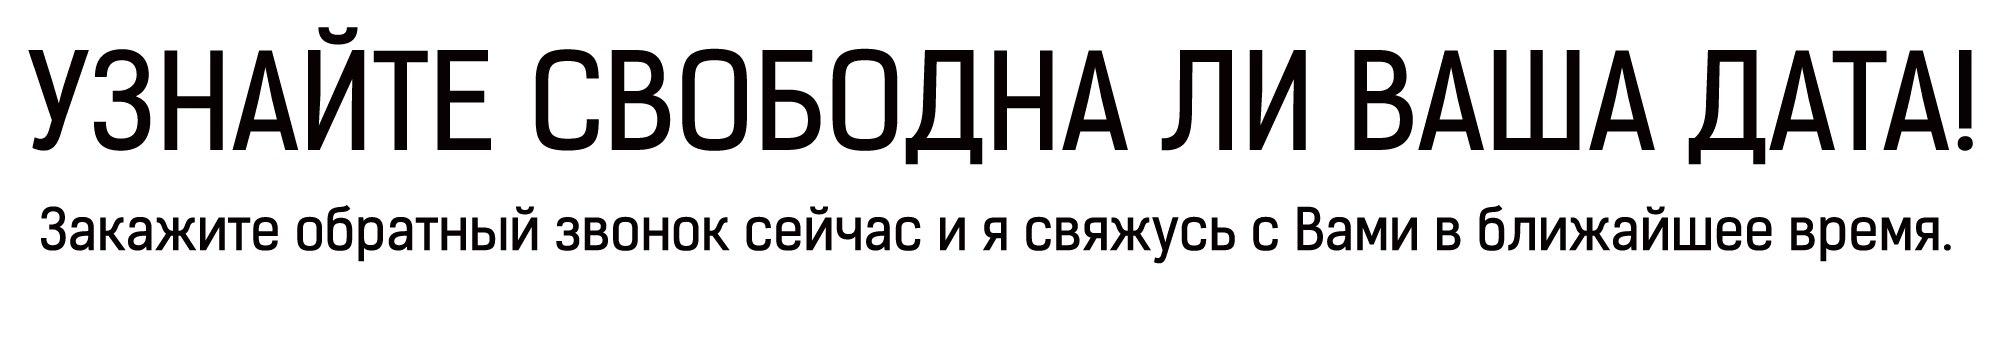 +7 937 727 25 75 Павел Июльский - Ведущий на свадьбу, юбилей – любое мероприятие в Волгограде, Москве и Санкт-Петербурге